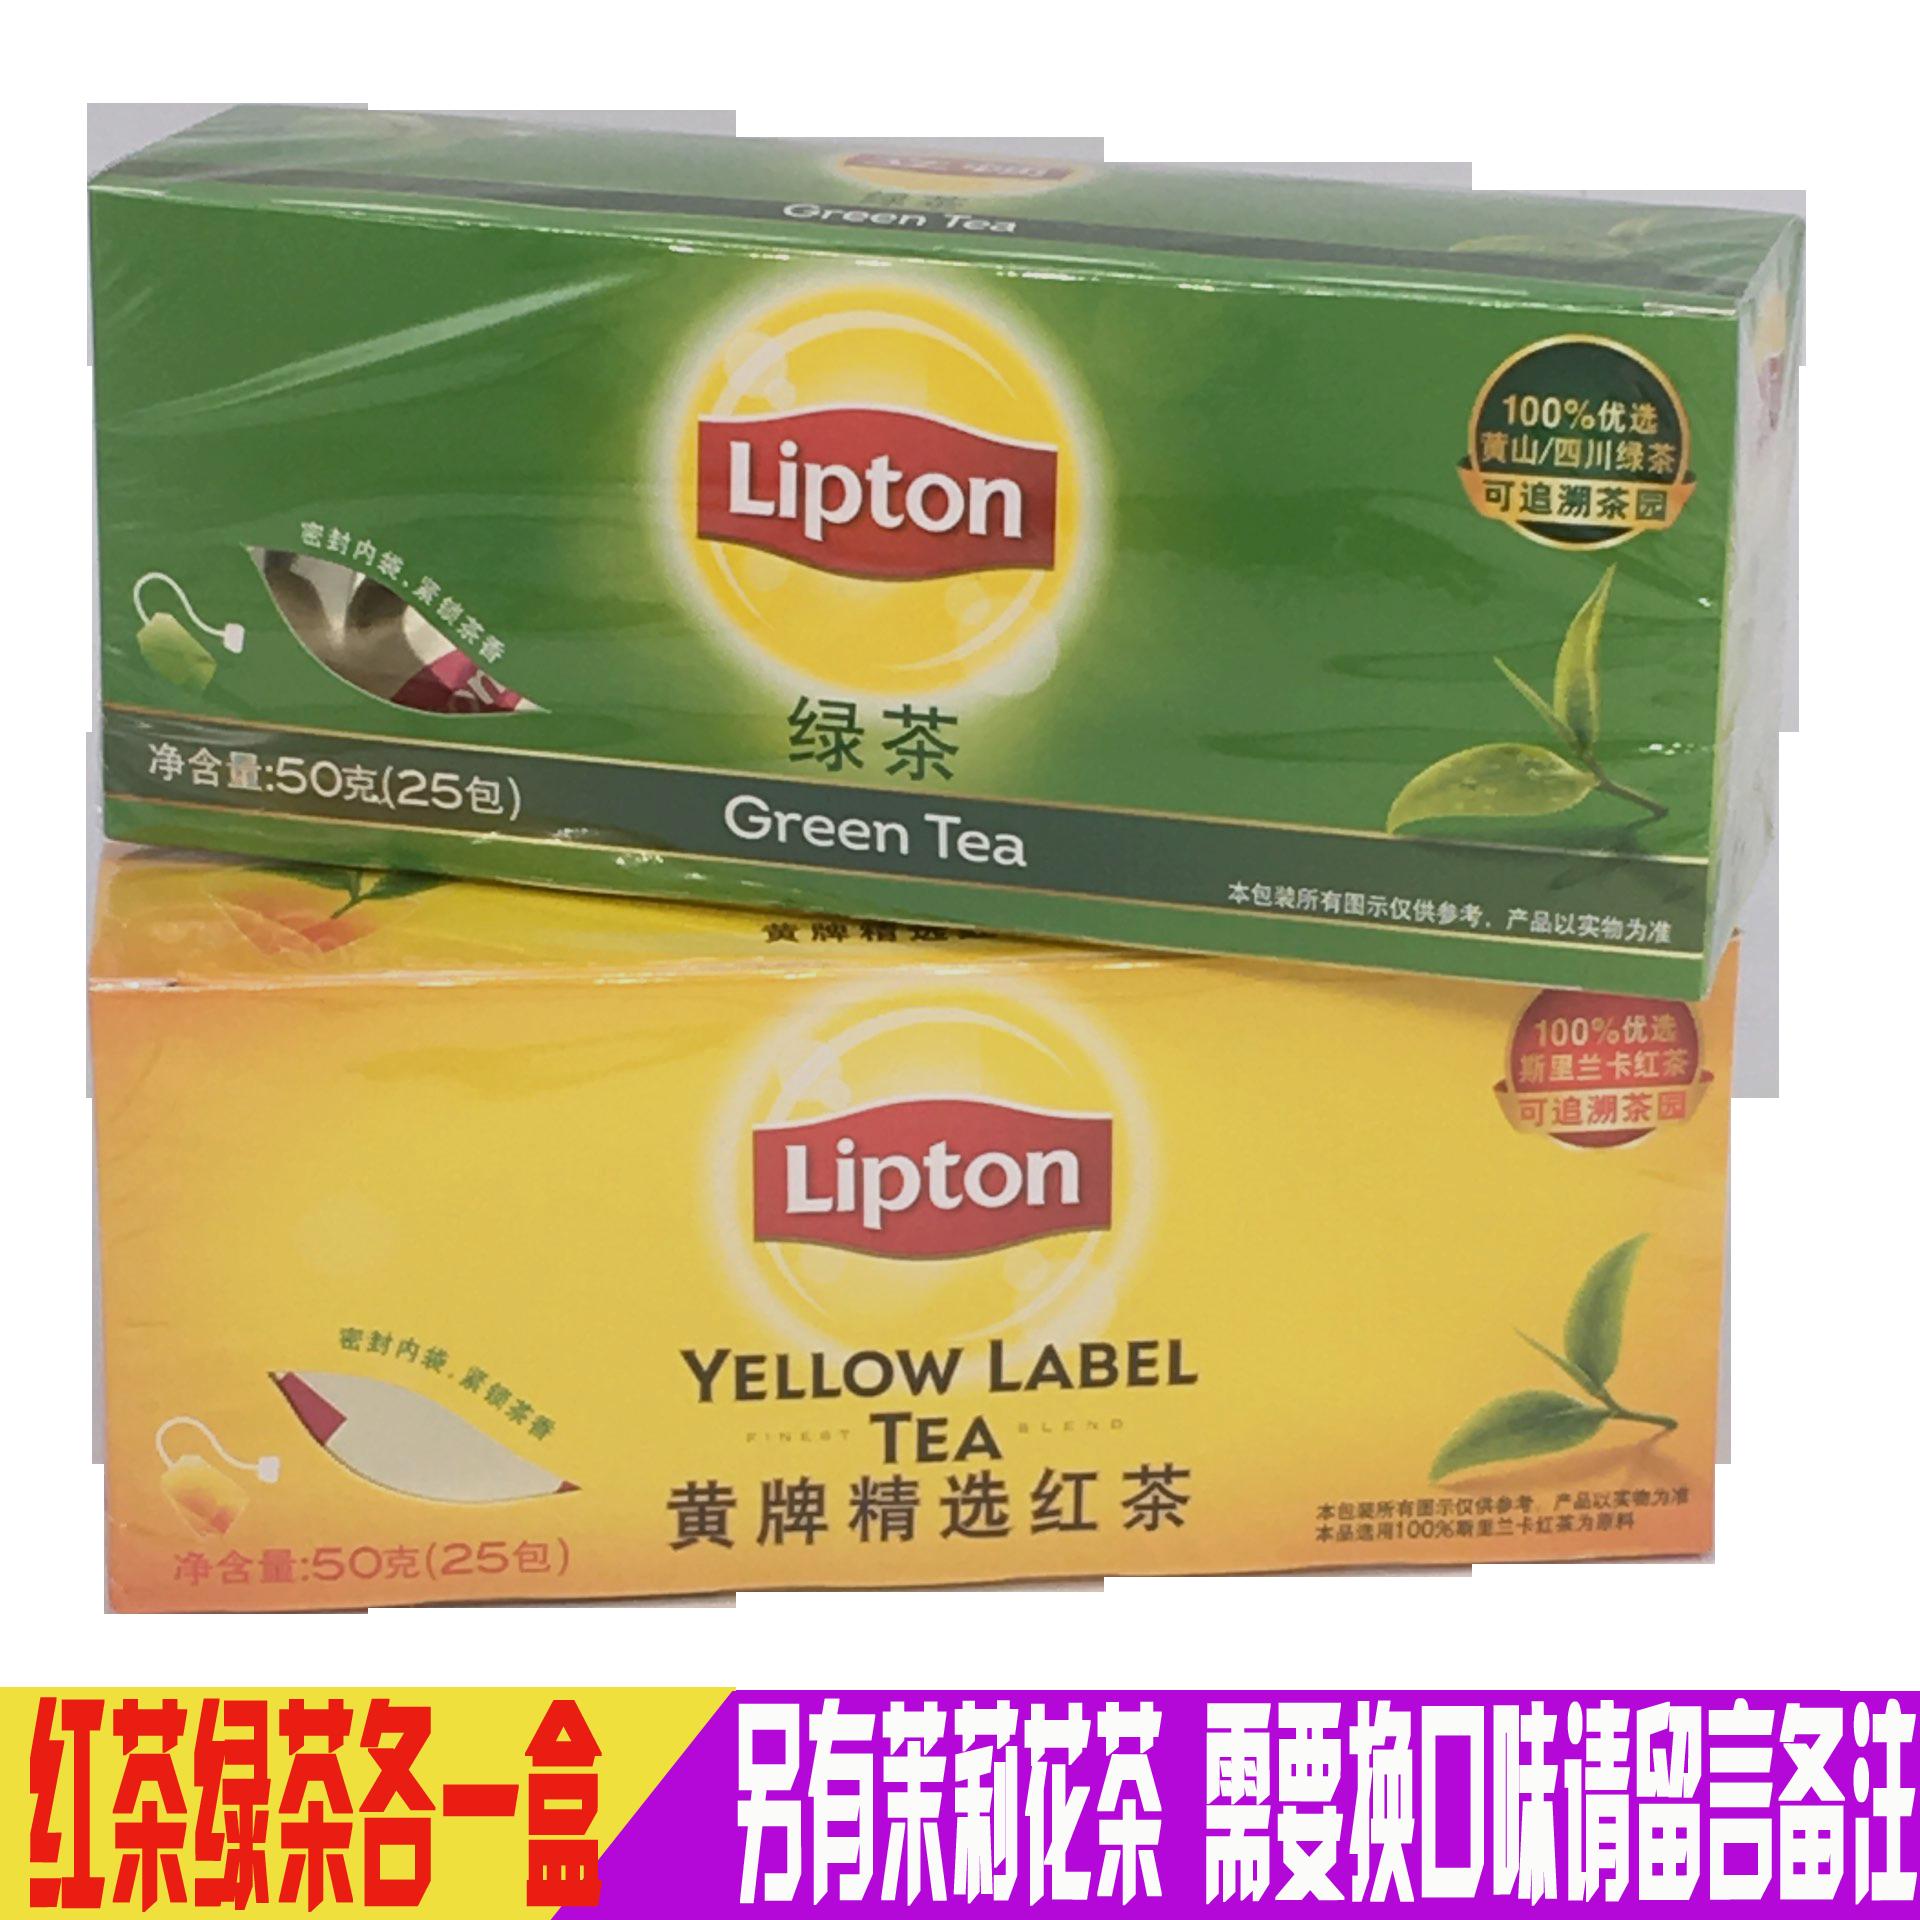 立顿红茶袋泡茶+绿茶茶包S25×2盒立顿茶包茉莉绿茶花茶茶包组合